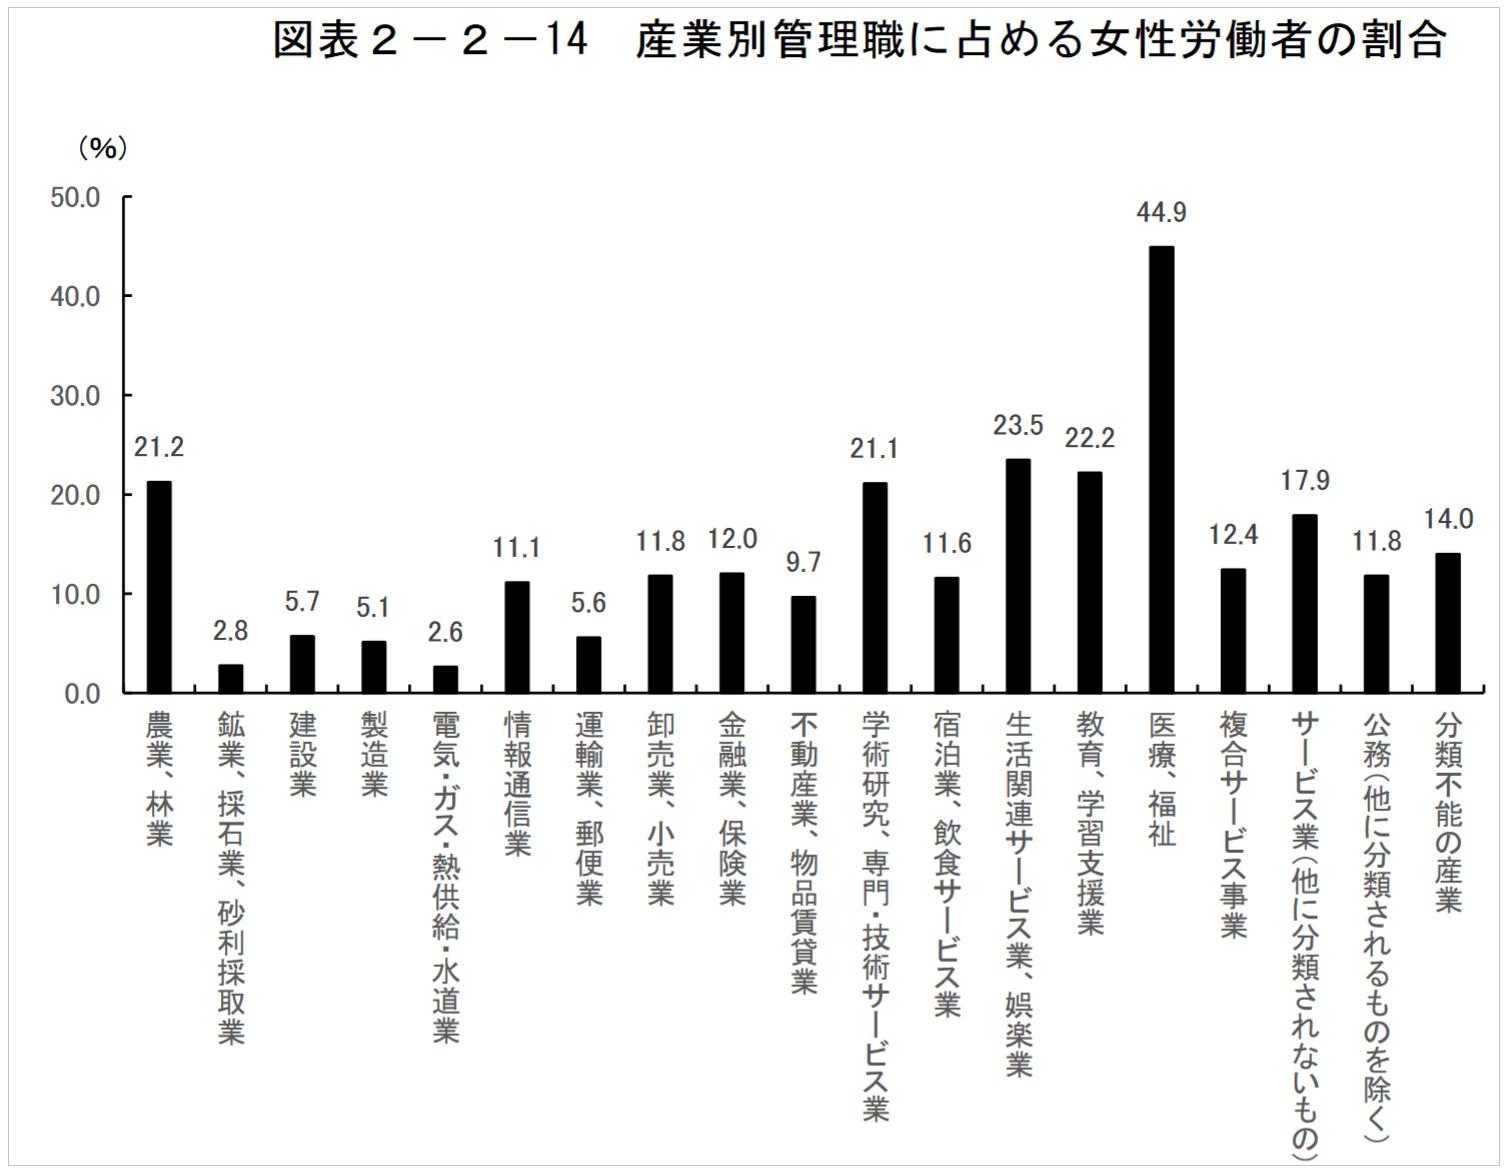 産業別管理職に占める女性労働者の割合